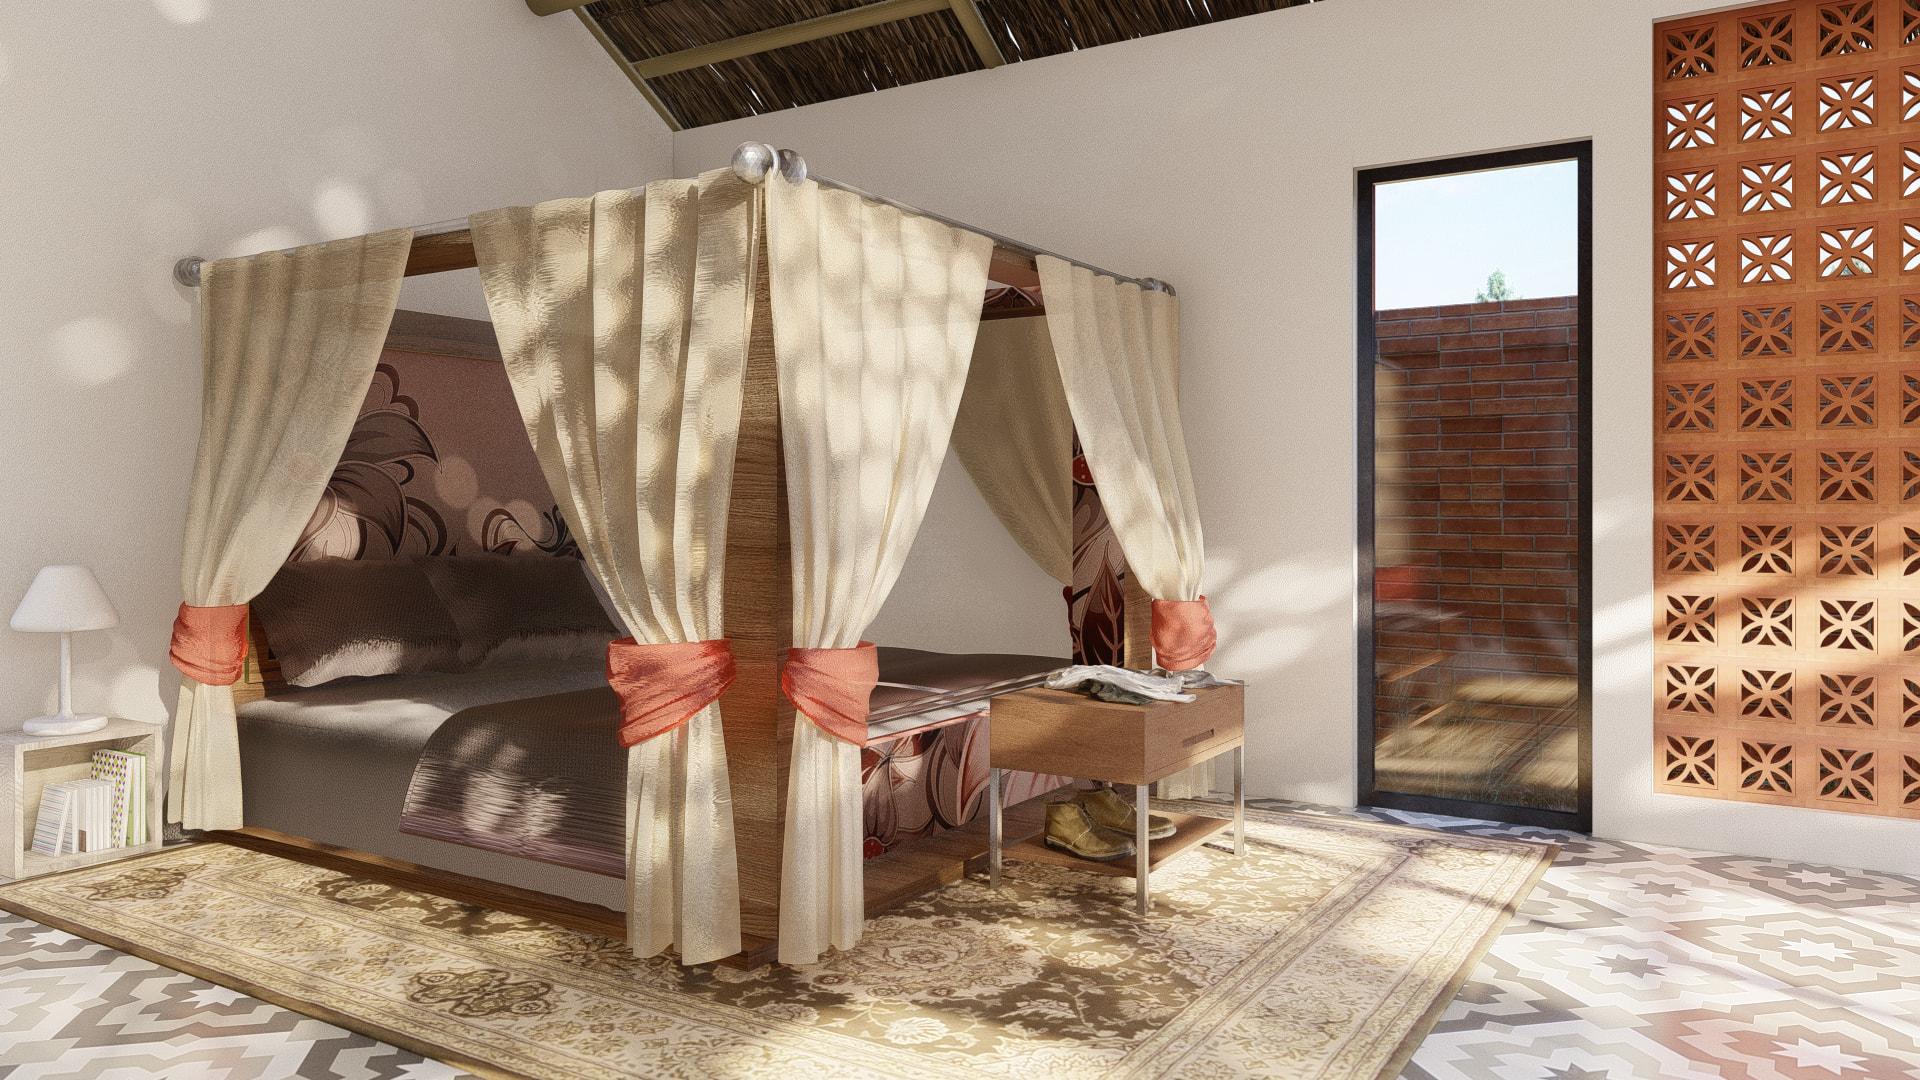 thiết kế Nhà tại Đồng Nai NHÀ SINH HOẠT TUẦN ,NGHĨ DƯỠNG  2 1557156708